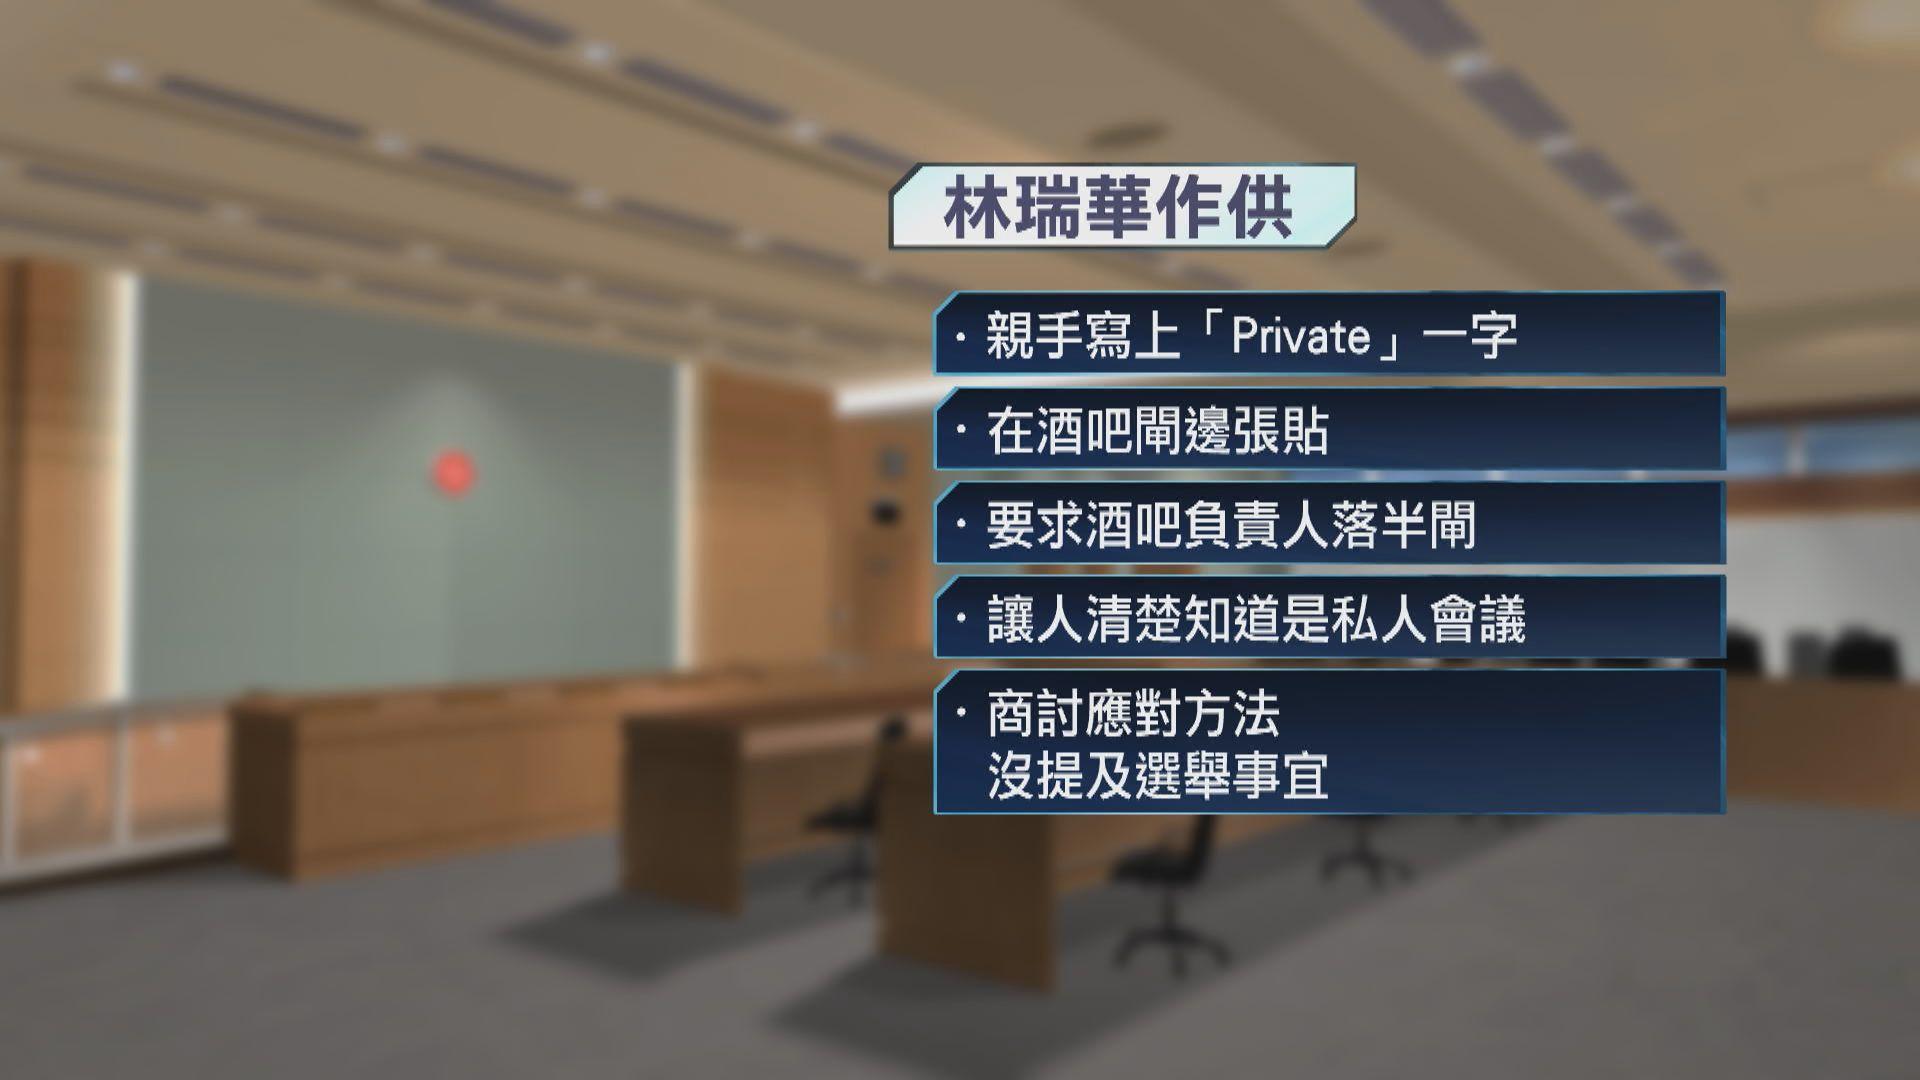 陳淑莊、林瑞華等違反限聚令案表證成立 六月結案陳詞